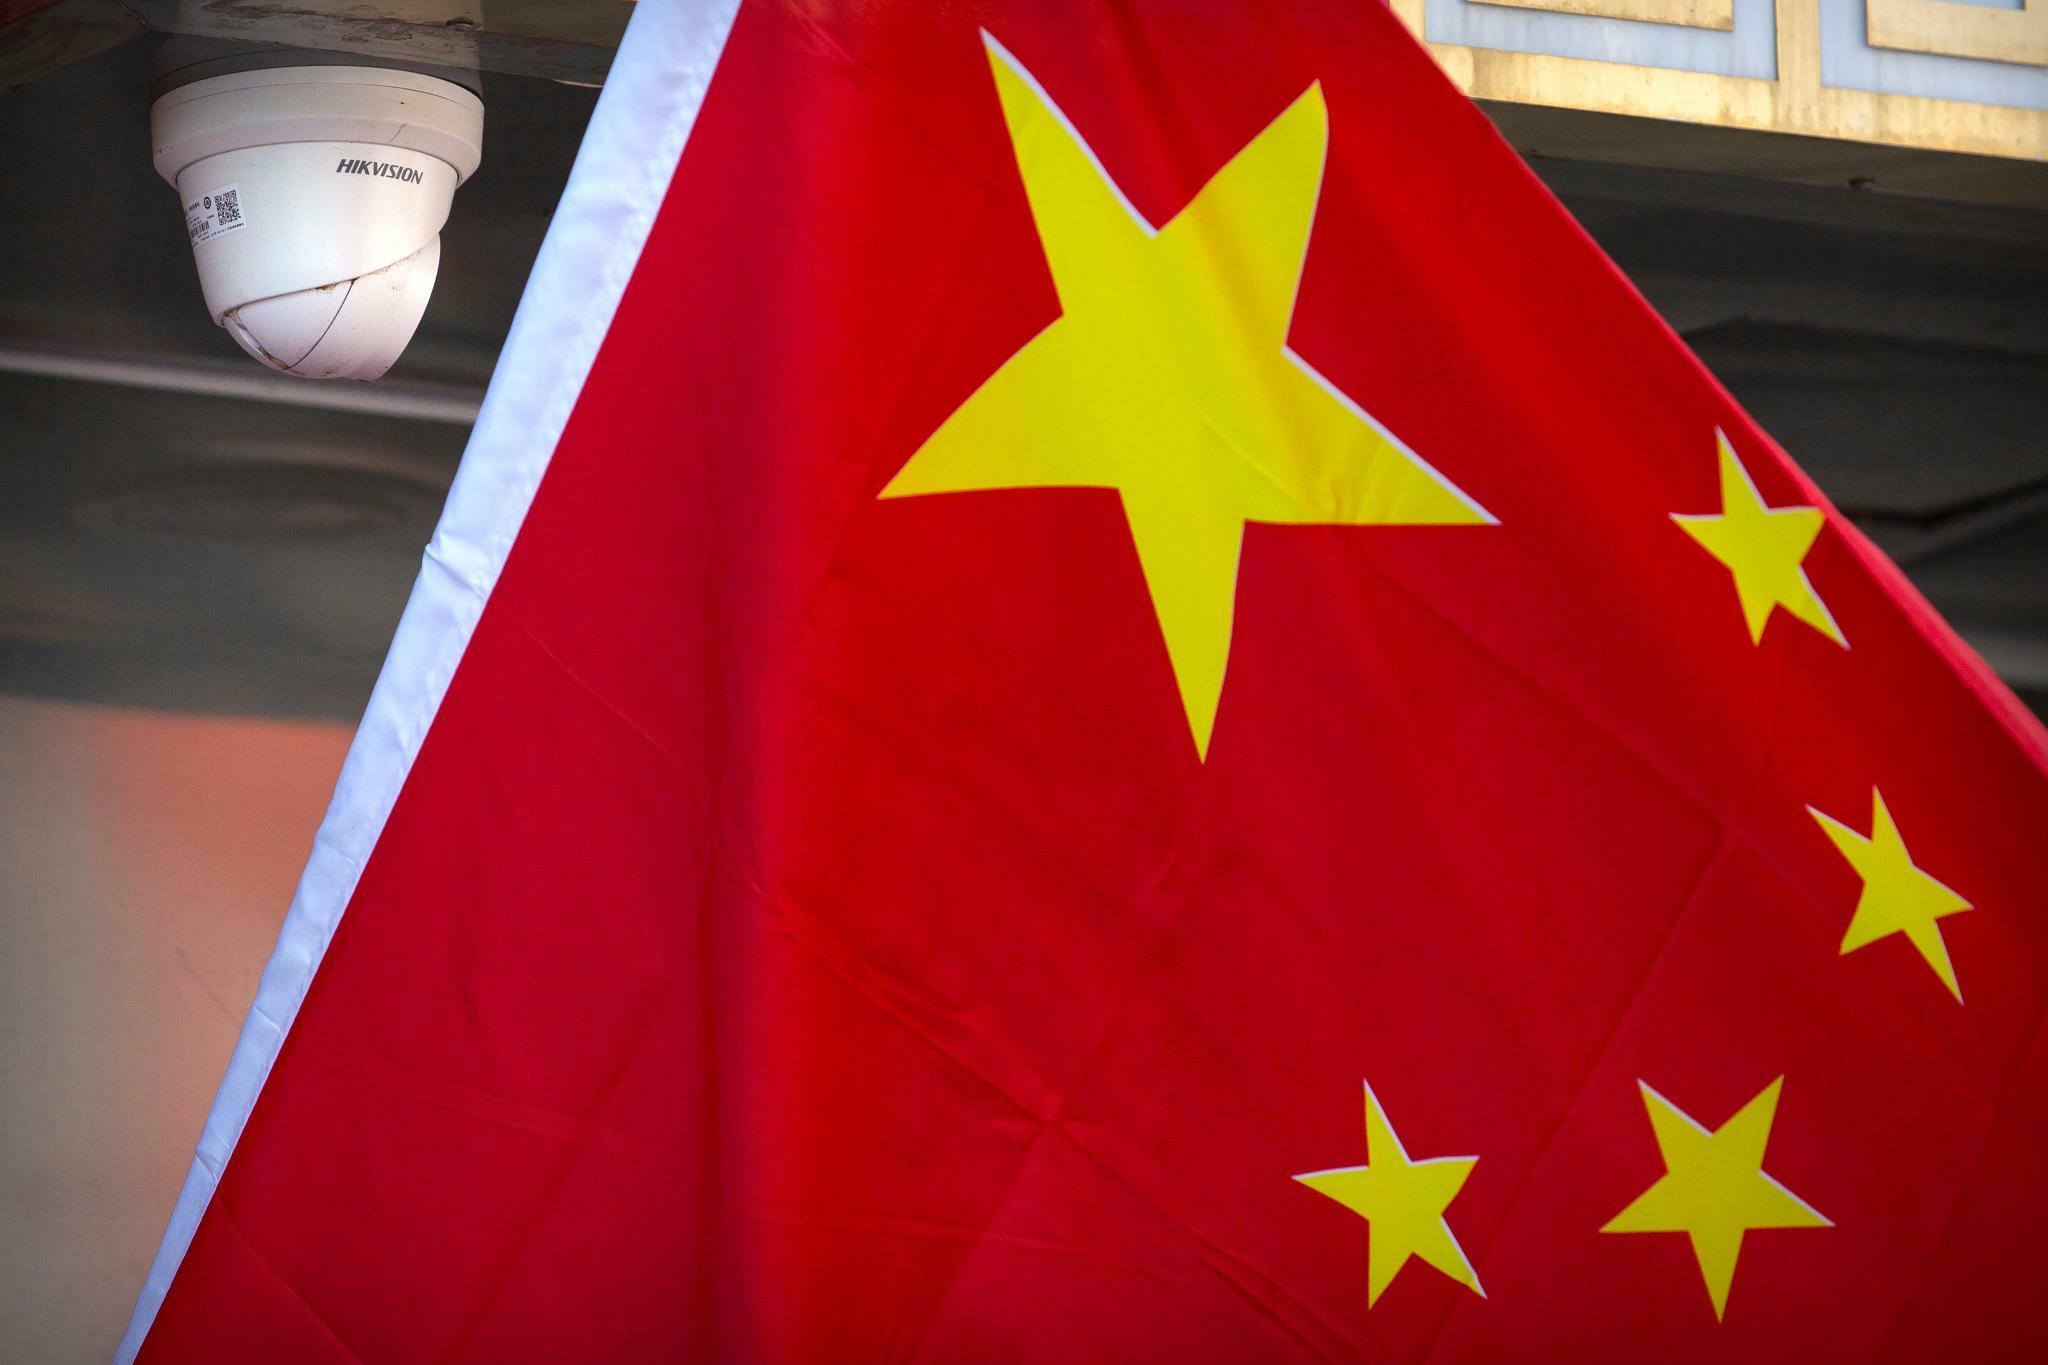 China verlangt Aufhebung von US-Sanktionen gegen Tech-Firmen